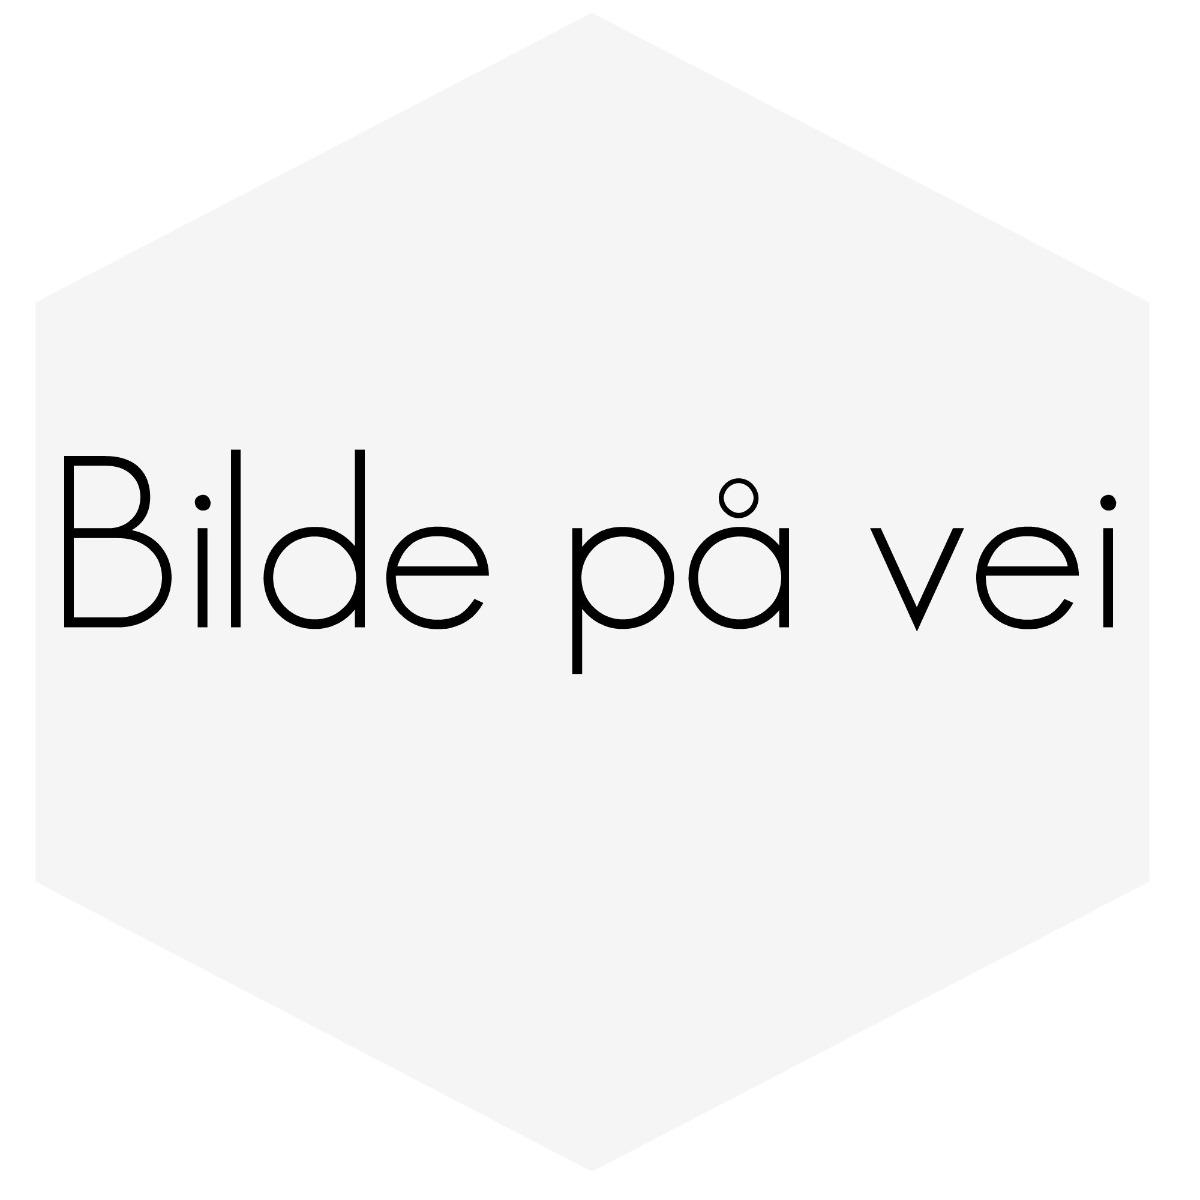 Varmekran/ventil tilpasset Amazon/PV/Duett